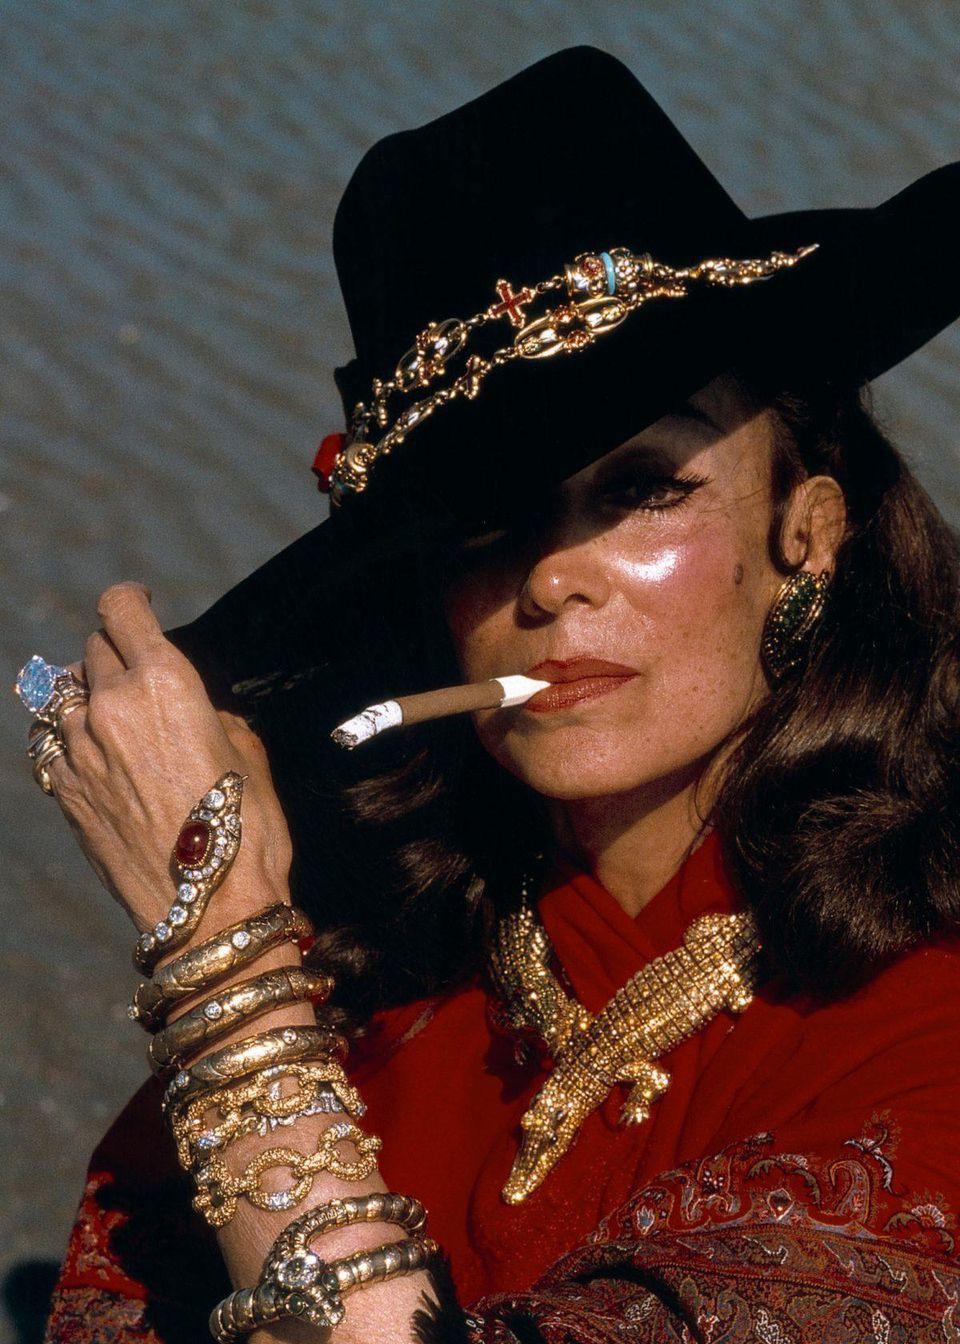 不愧是大牌!卡地亚为墨西哥女星打造精美的鳄鱼系列高级珠宝